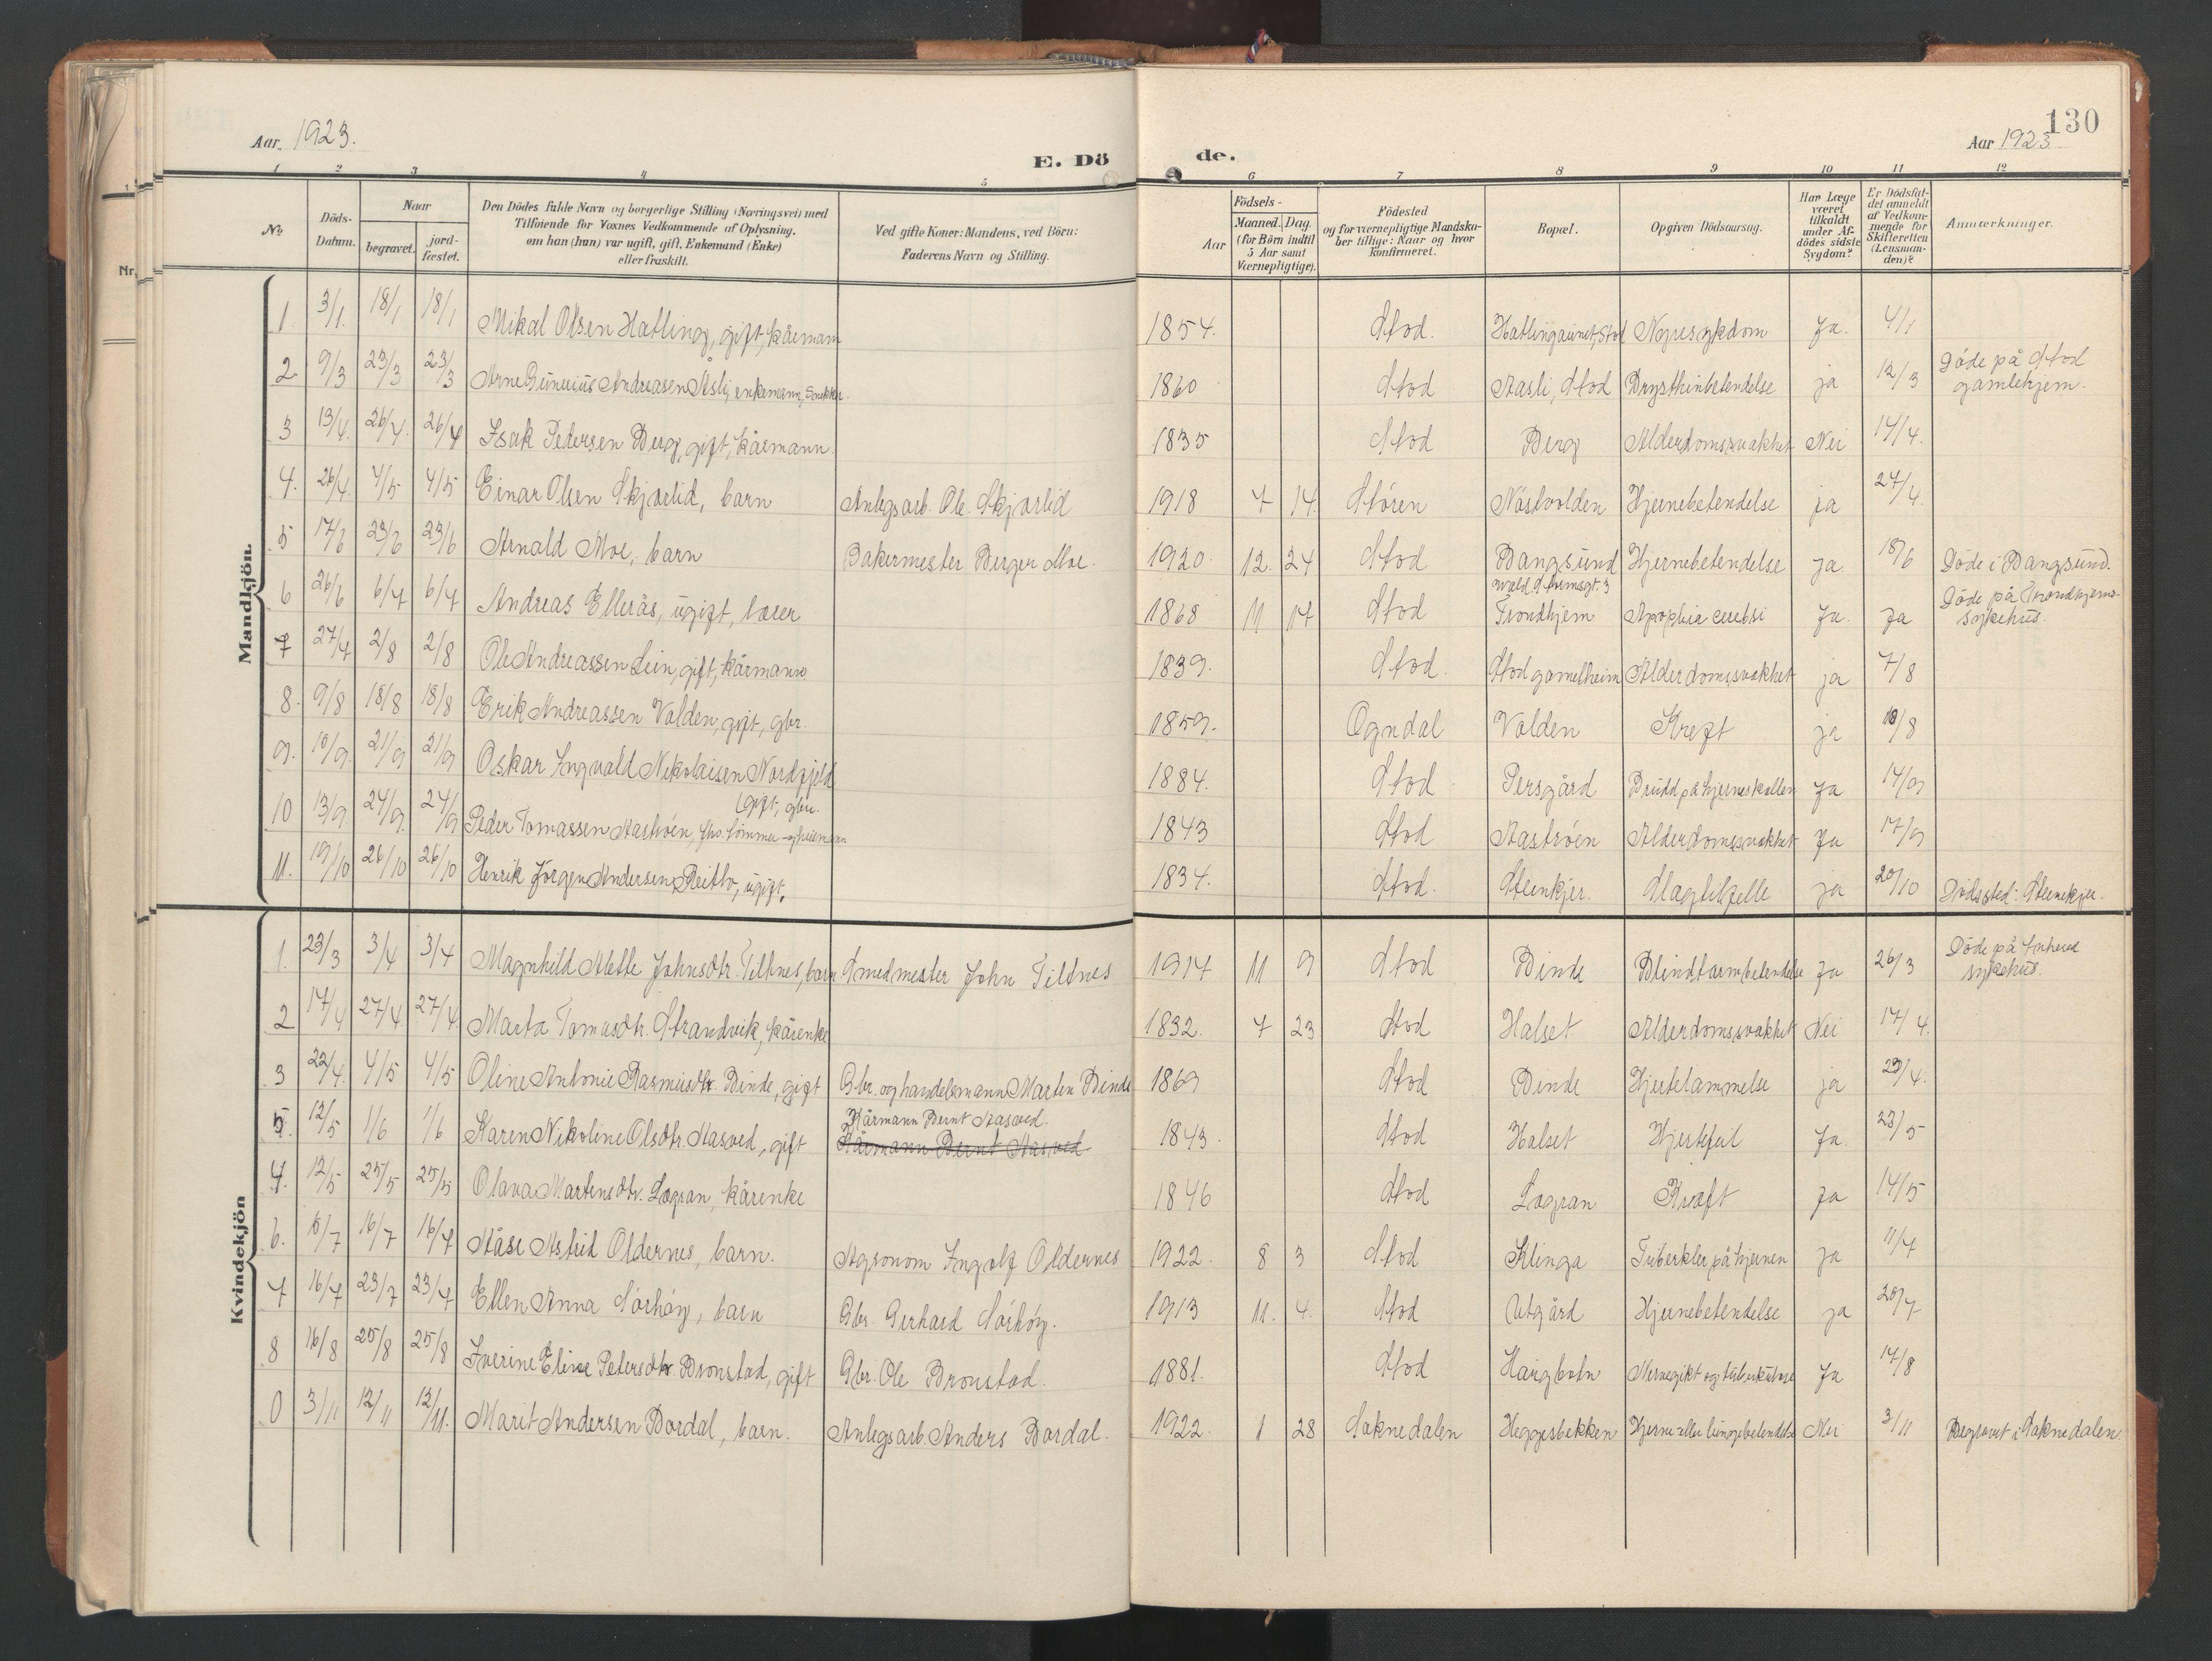 SAT, Ministerialprotokoller, klokkerbøker og fødselsregistre - Nord-Trøndelag, 746/L0455: Klokkerbok nr. 746C01, 1908-1933, s. 130